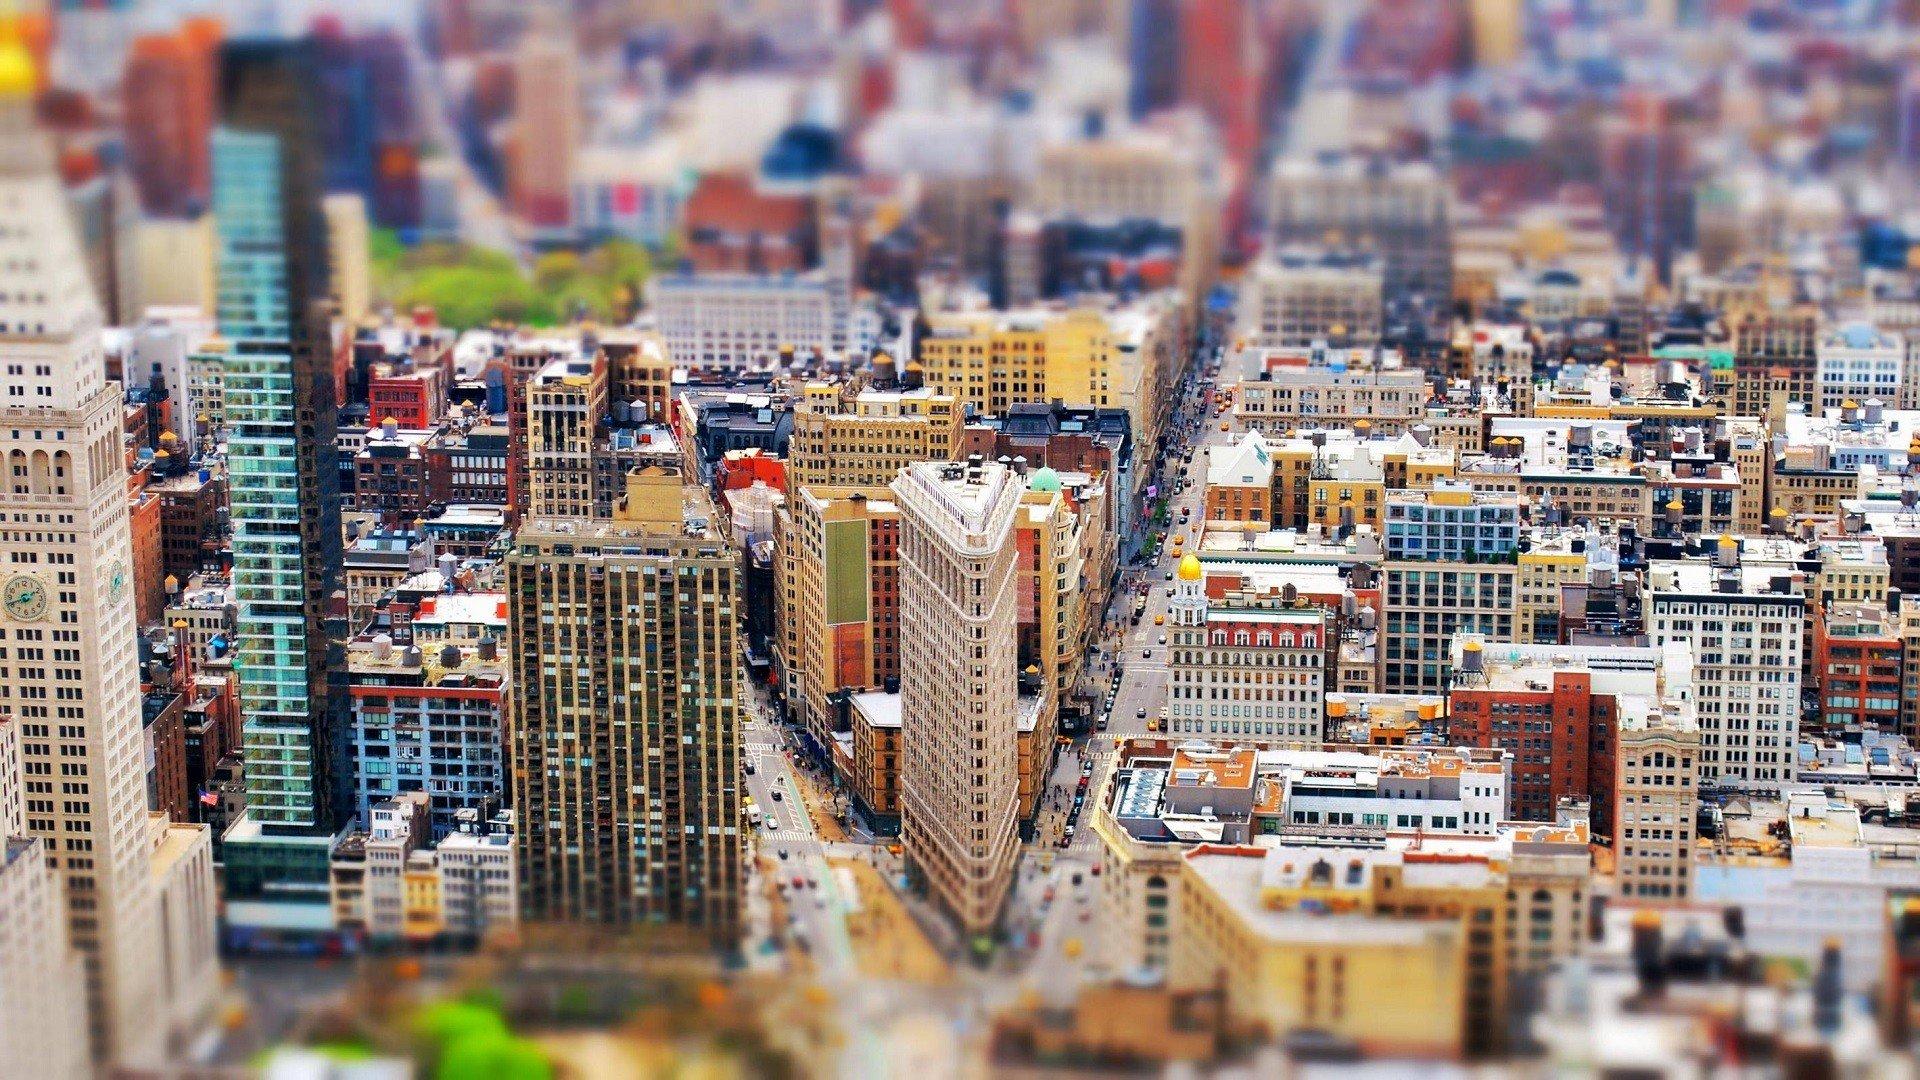 Миниатюрные улицы и города фото